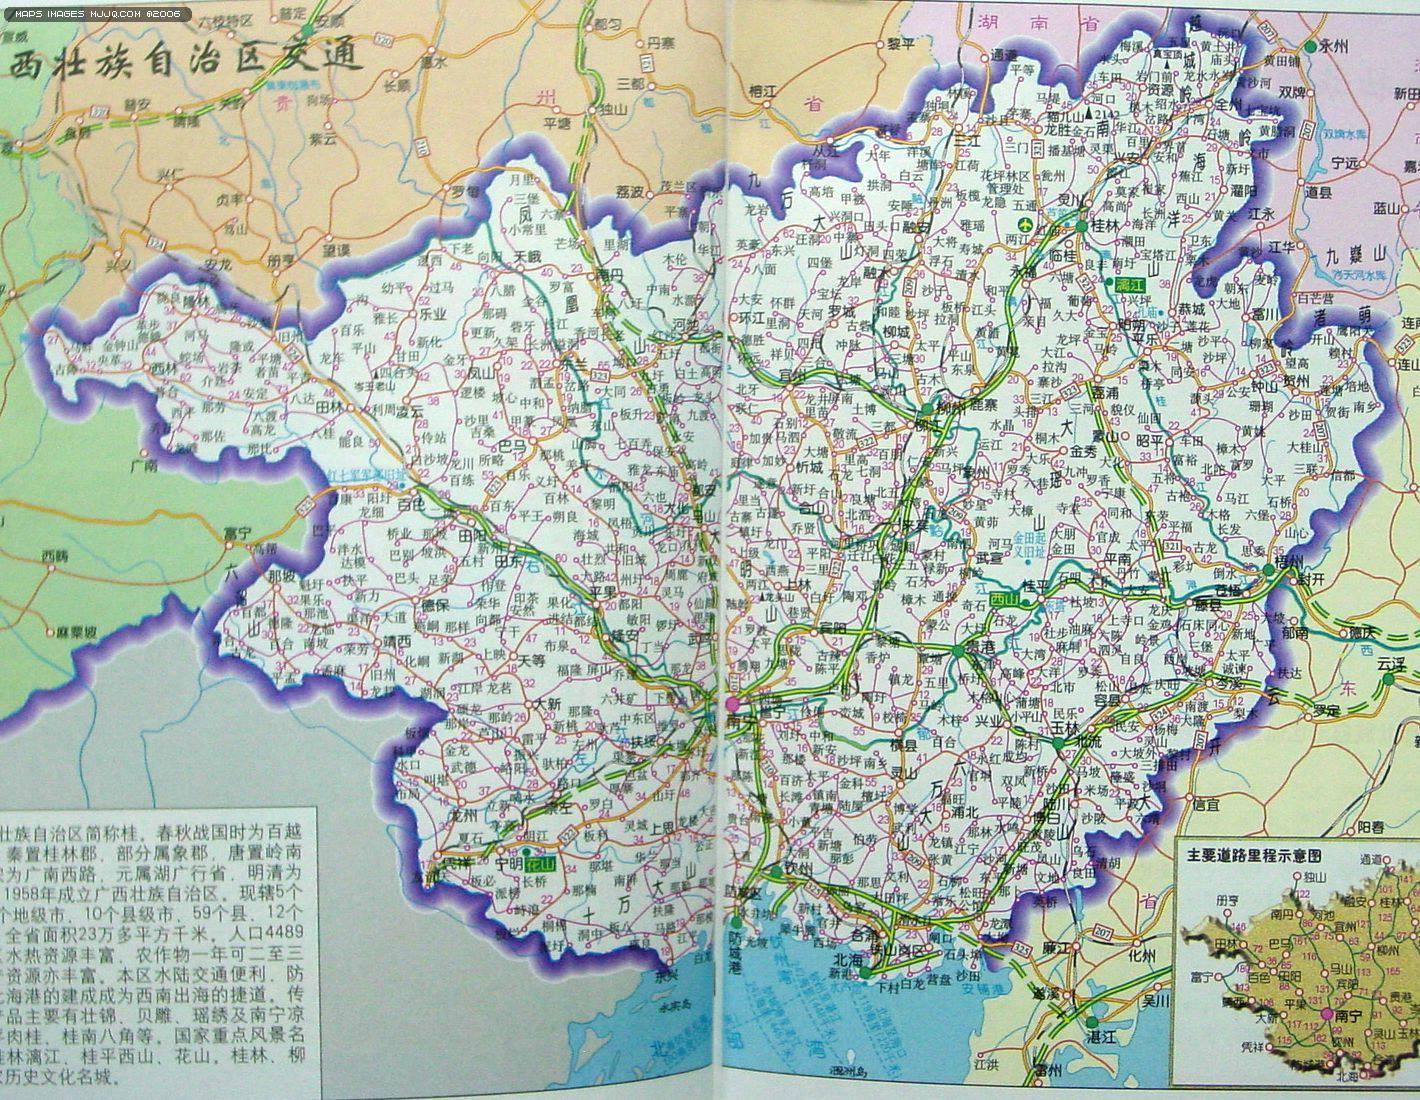 广西地图全图高清版图片_广西地图全图高清版图片